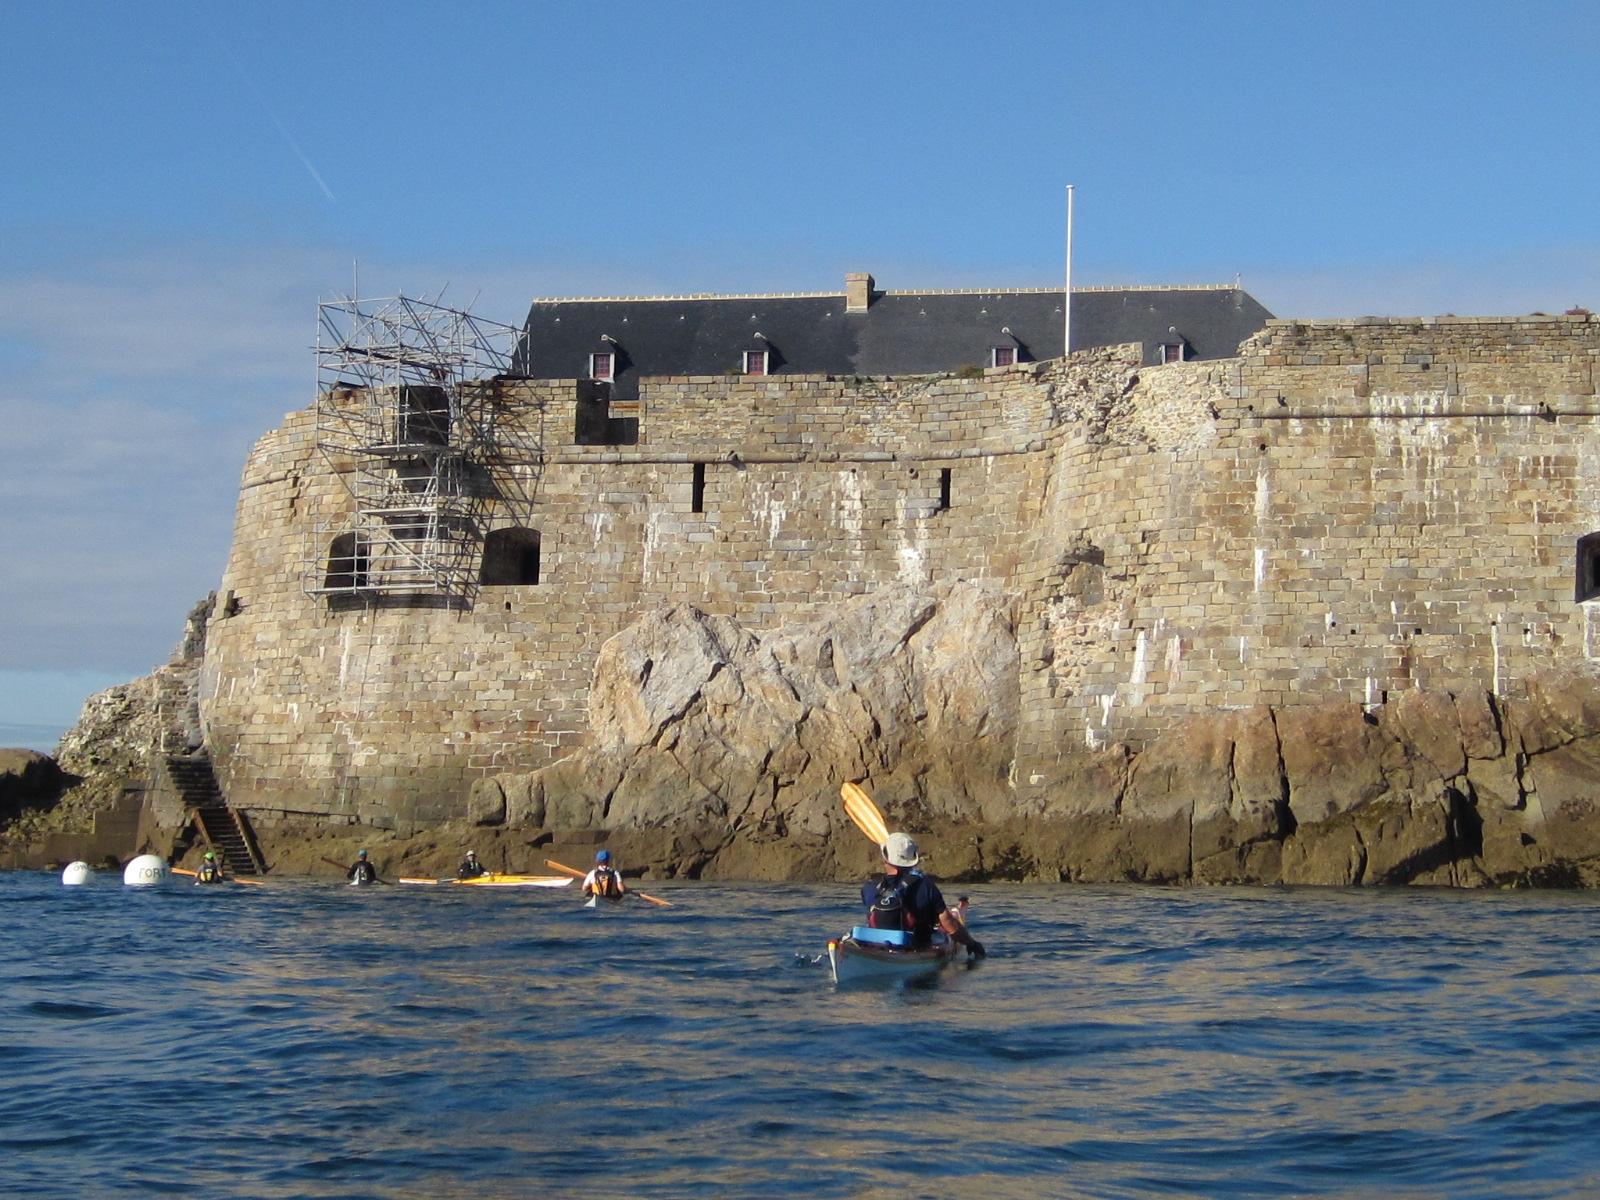 Saint-Malo-oct 2013-2